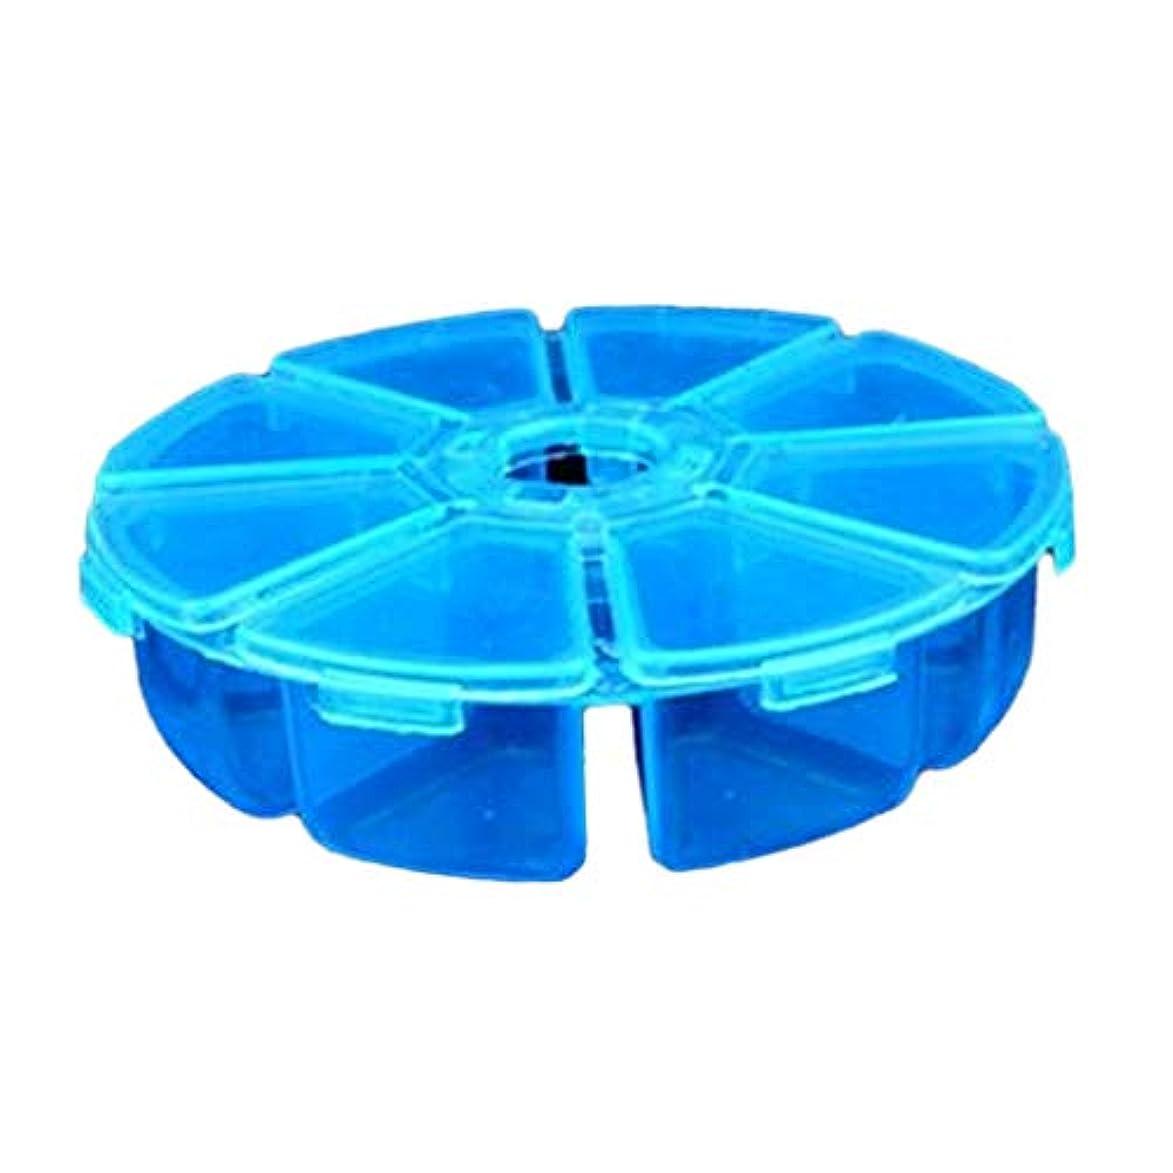 ドメイン東方クマノミSM SunniMix ネイルアート 収納ボックス 大容量 透明 8コンパートメント パーツ入れ 小物入れ プラスチック 全4色 - ブルー